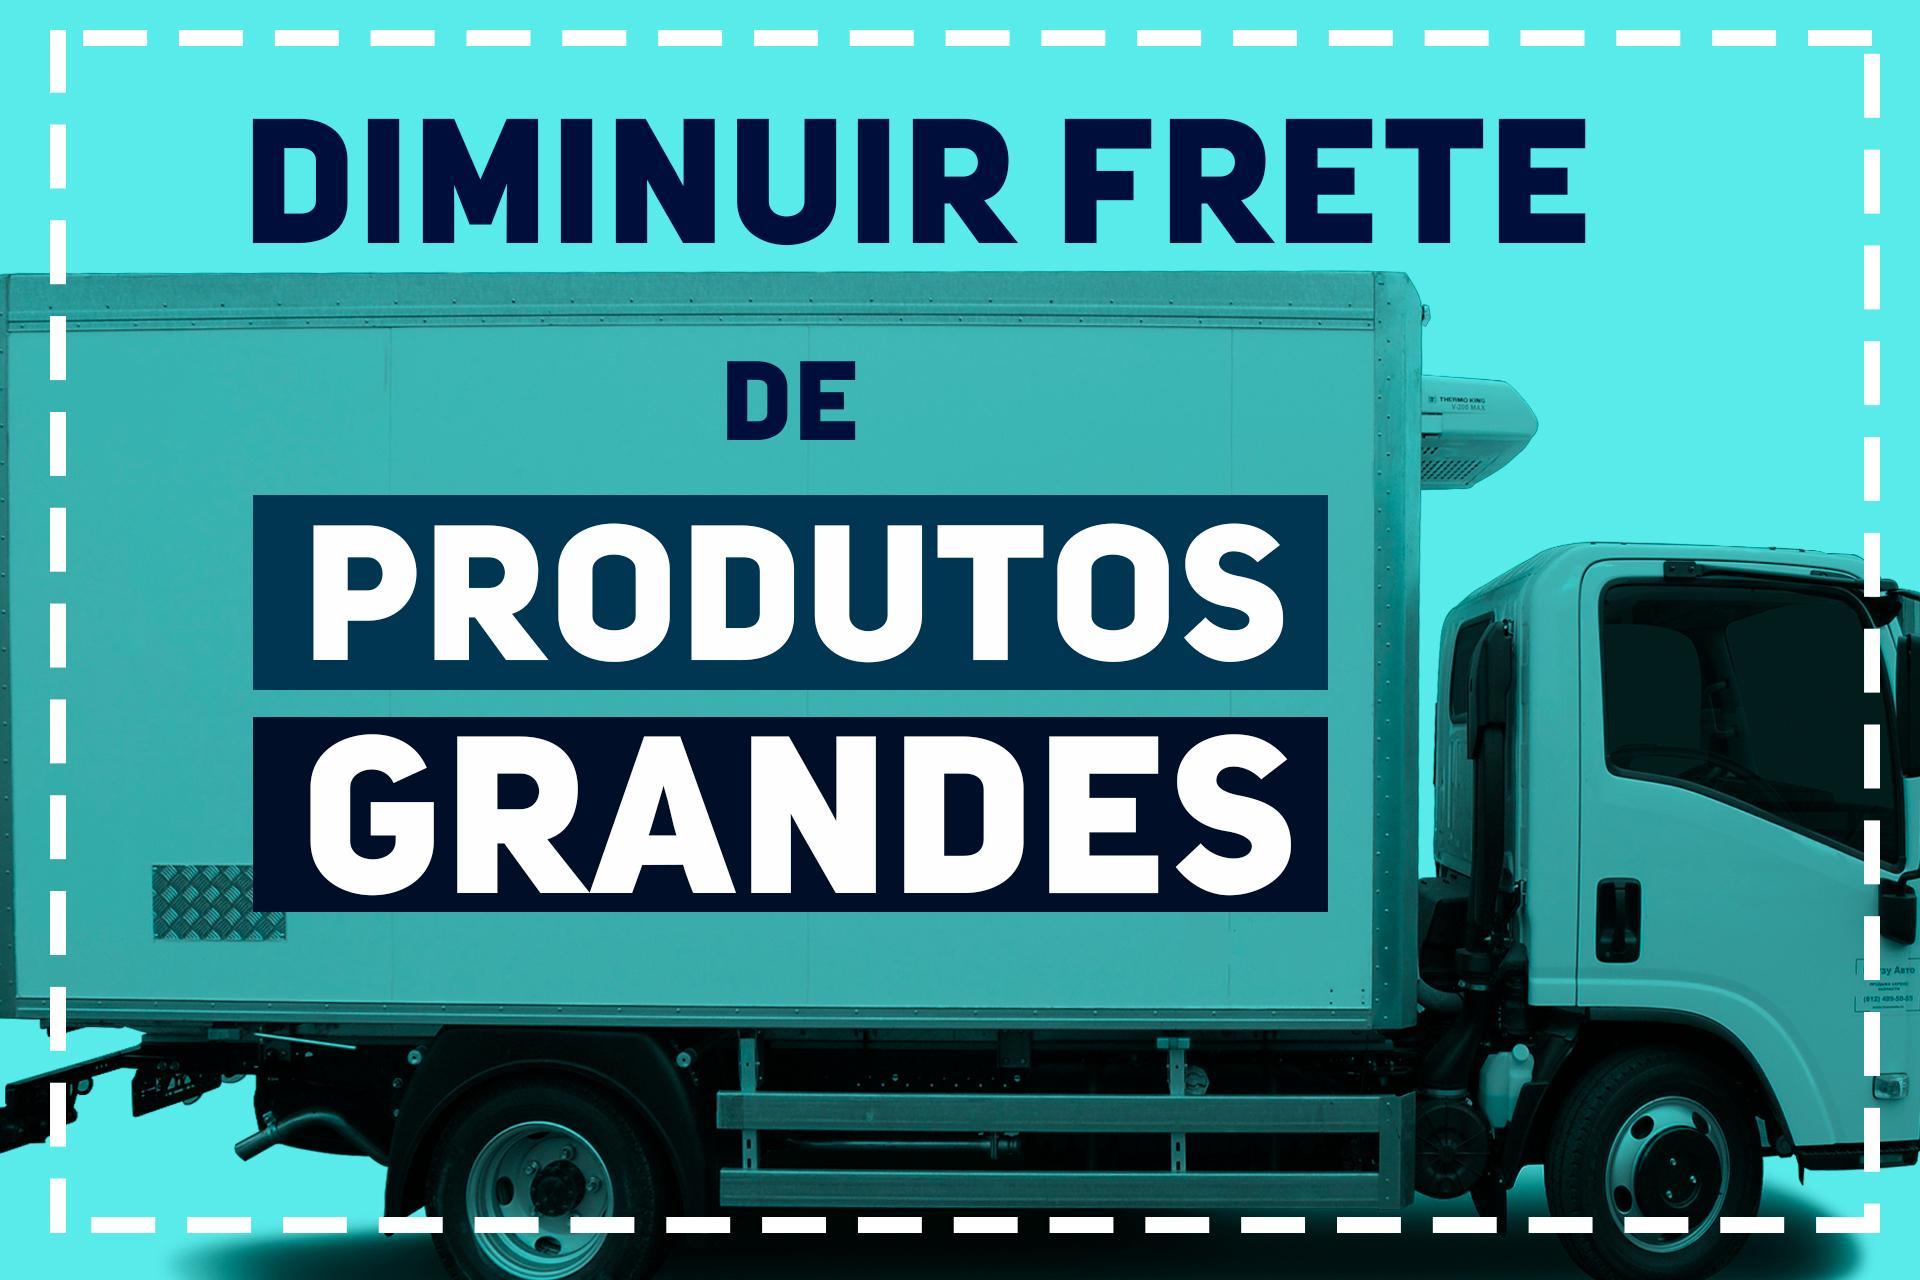 COMO DIMINUIR O CUSTO DO FRETE PARA PRODUTOS GRANDES